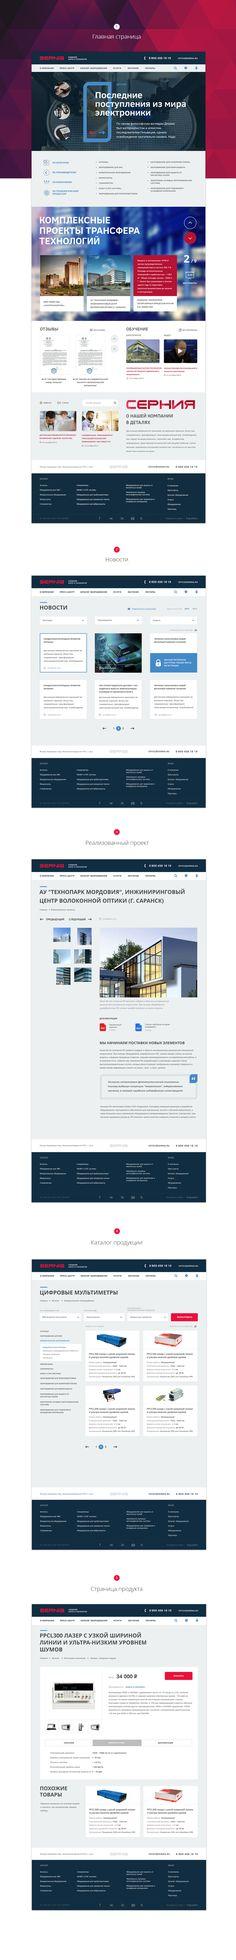 Современный сайт технологичной компании с каталогом оборудования, Сайт © Bquadro